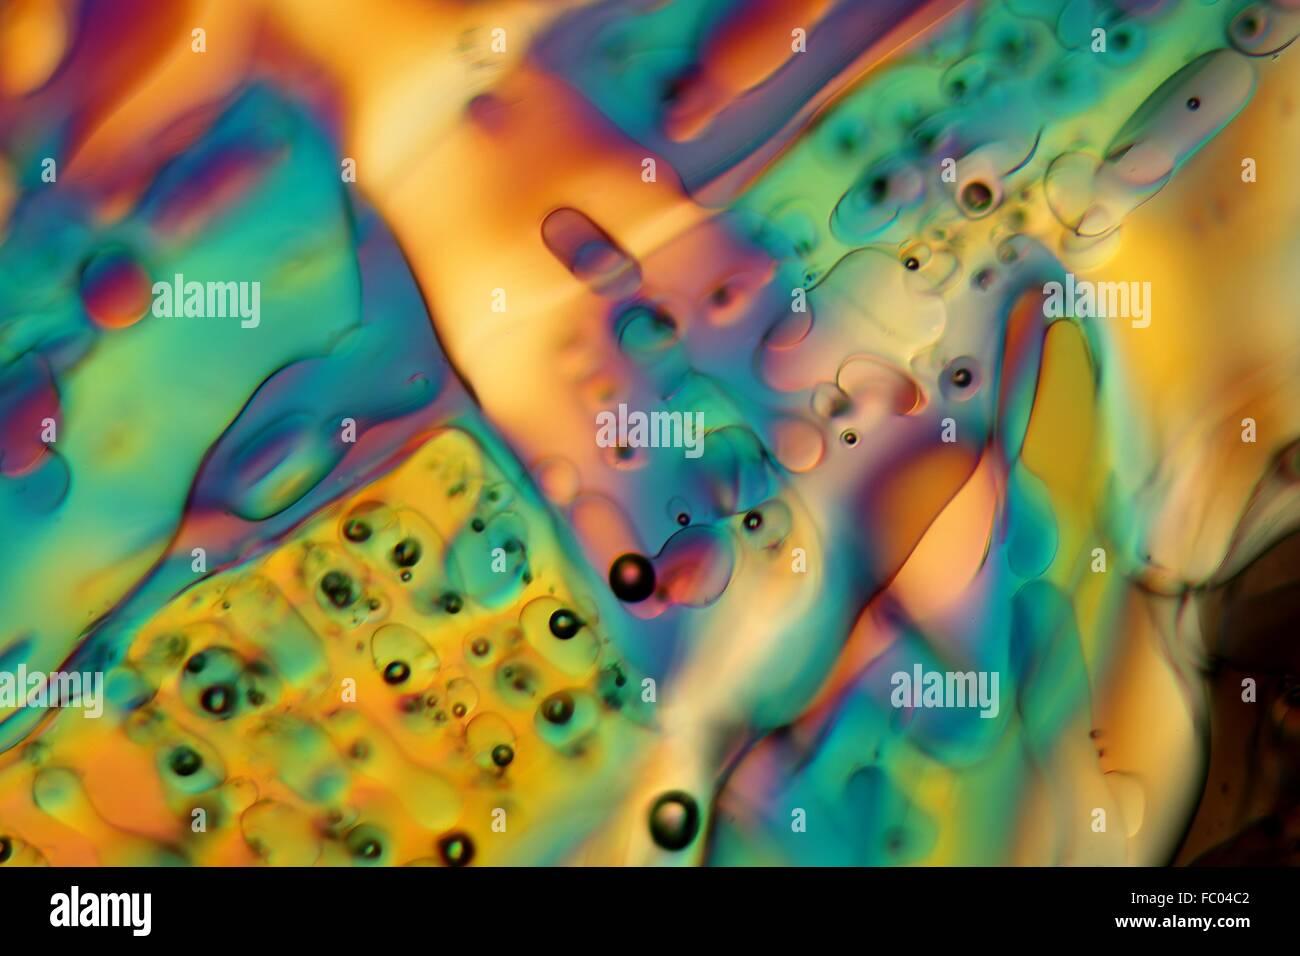 Eiskristalle im polarisiertem Licht. - Stock Image